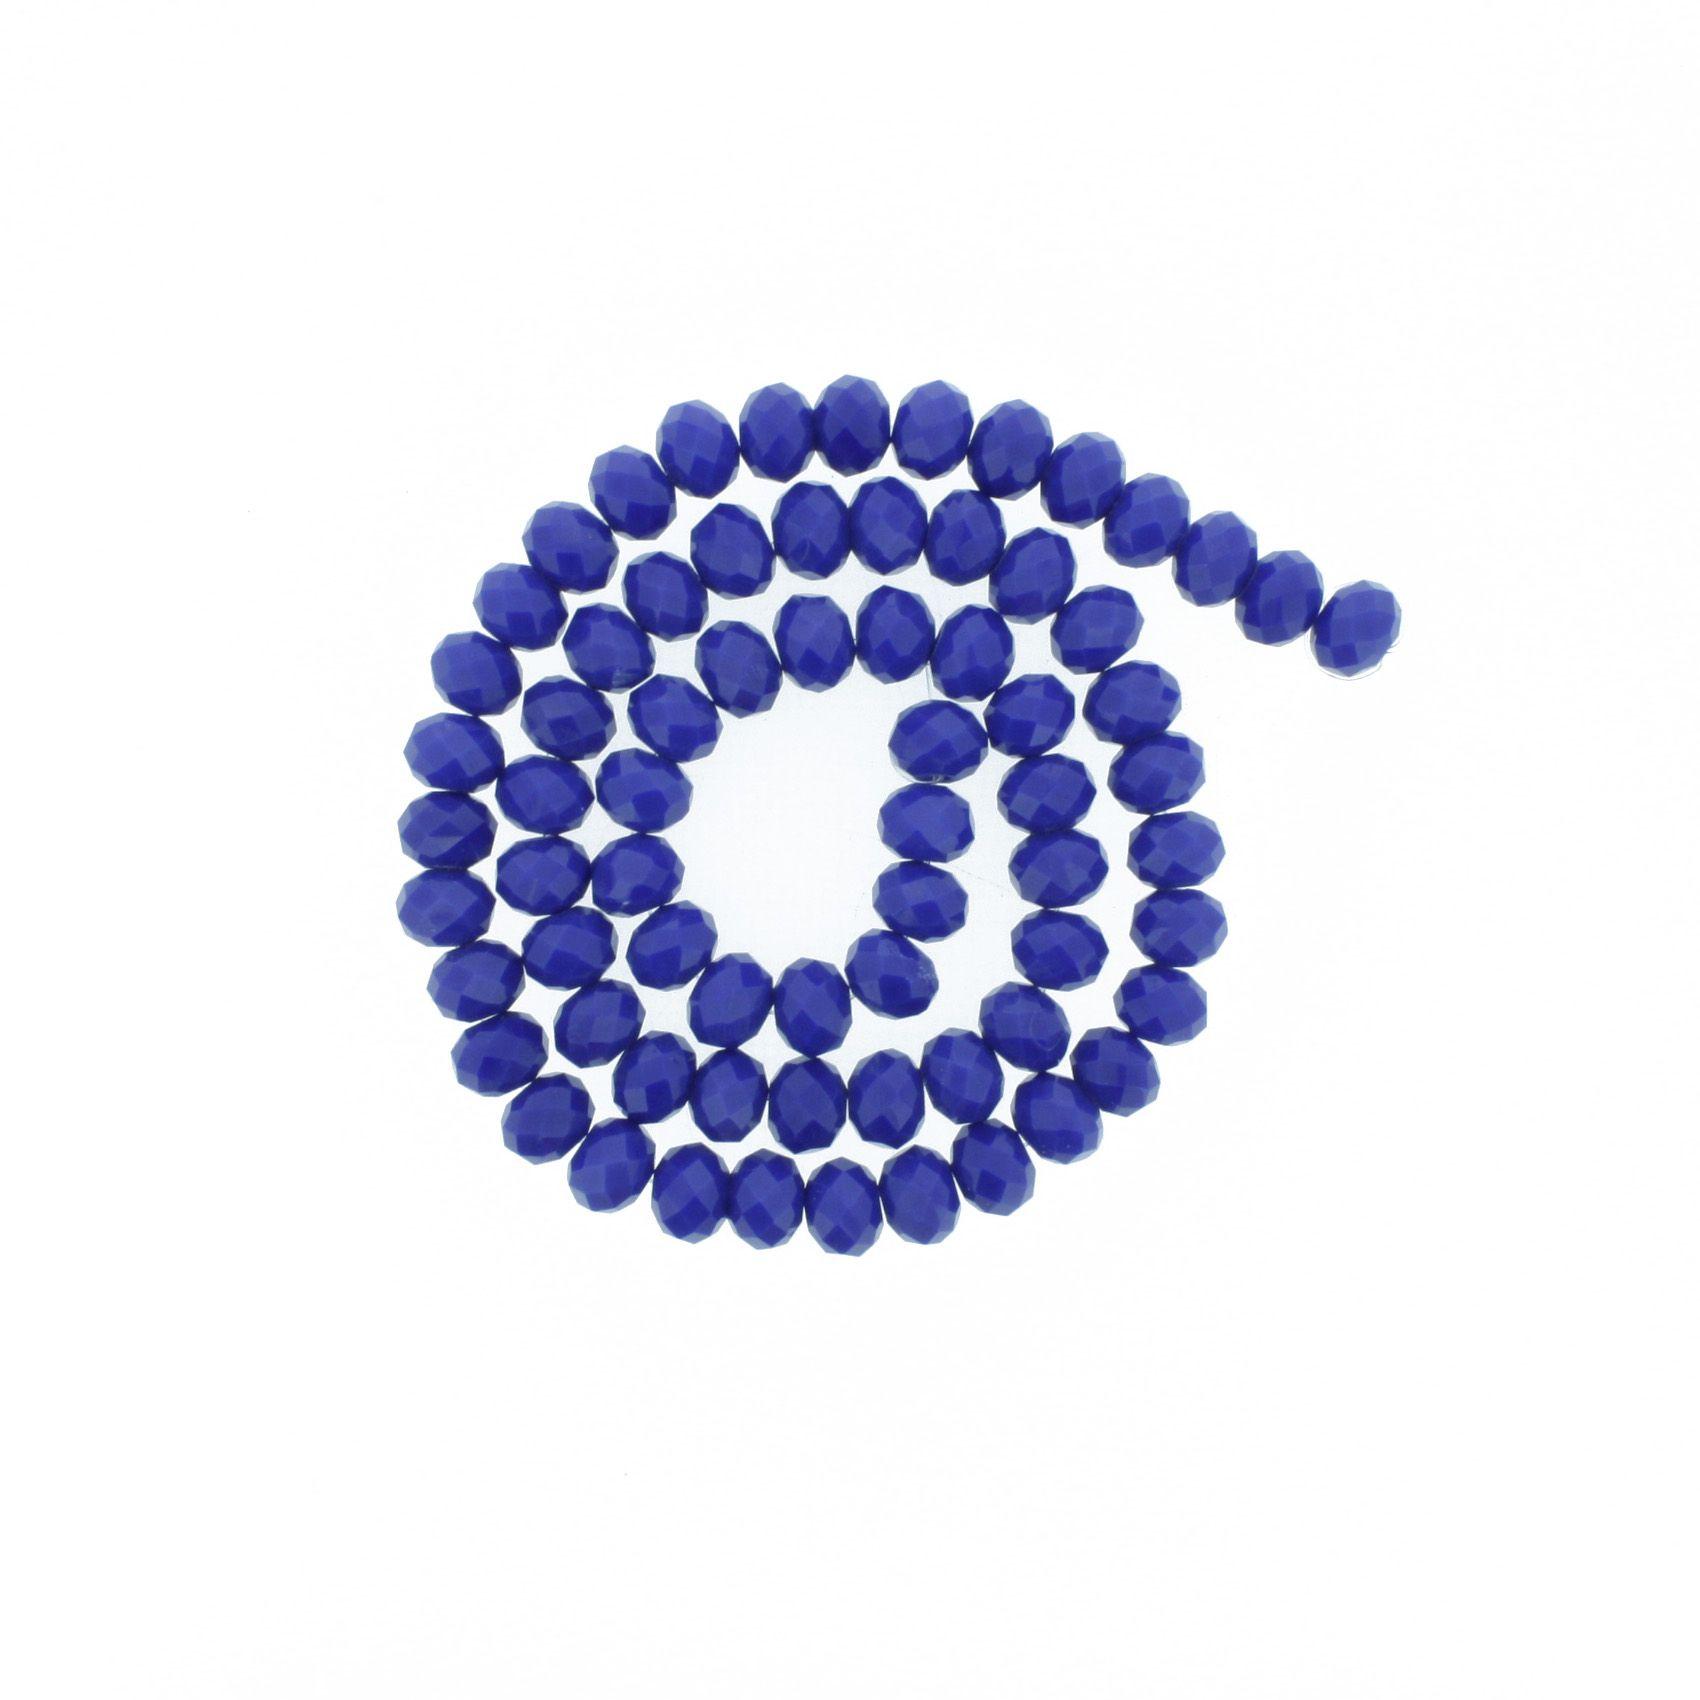 Fio de Cristal - Flat® - Azul Royal - 8mm  - Stéphanie Bijoux® - Peças para Bijuterias e Artesanato